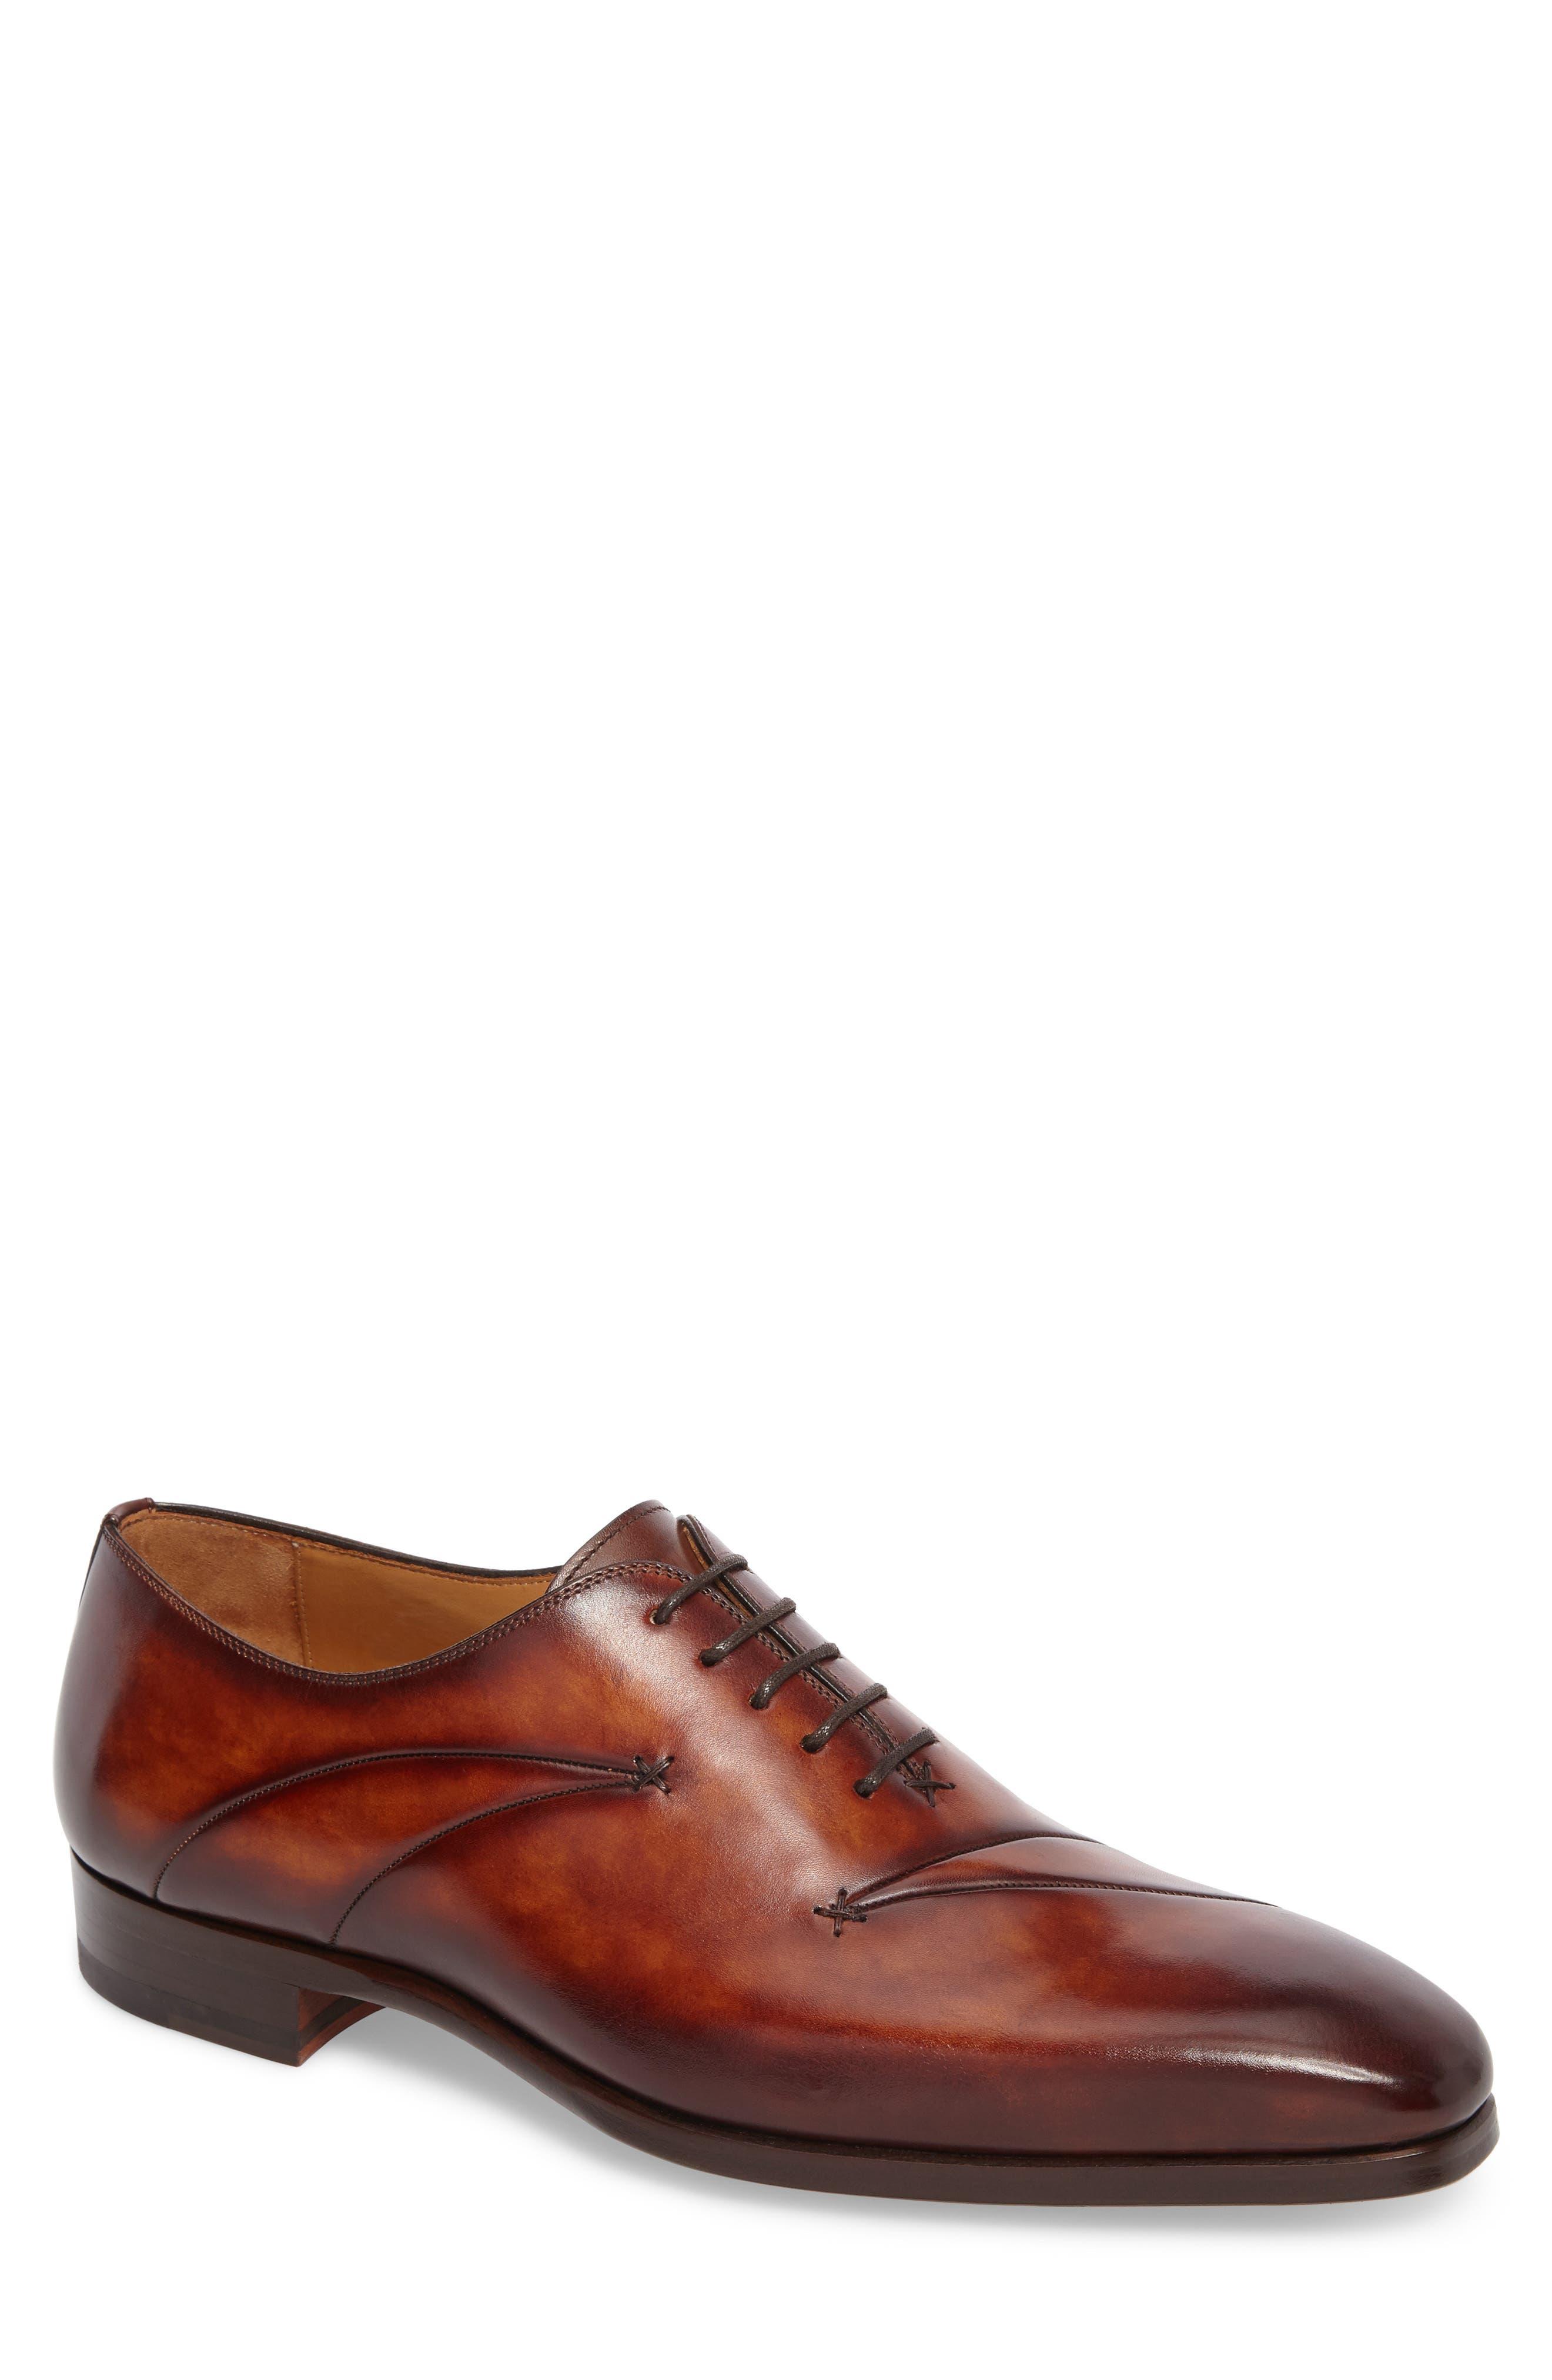 Marquez Stitched Oxford,                         Main,                         color, Cognac Leather